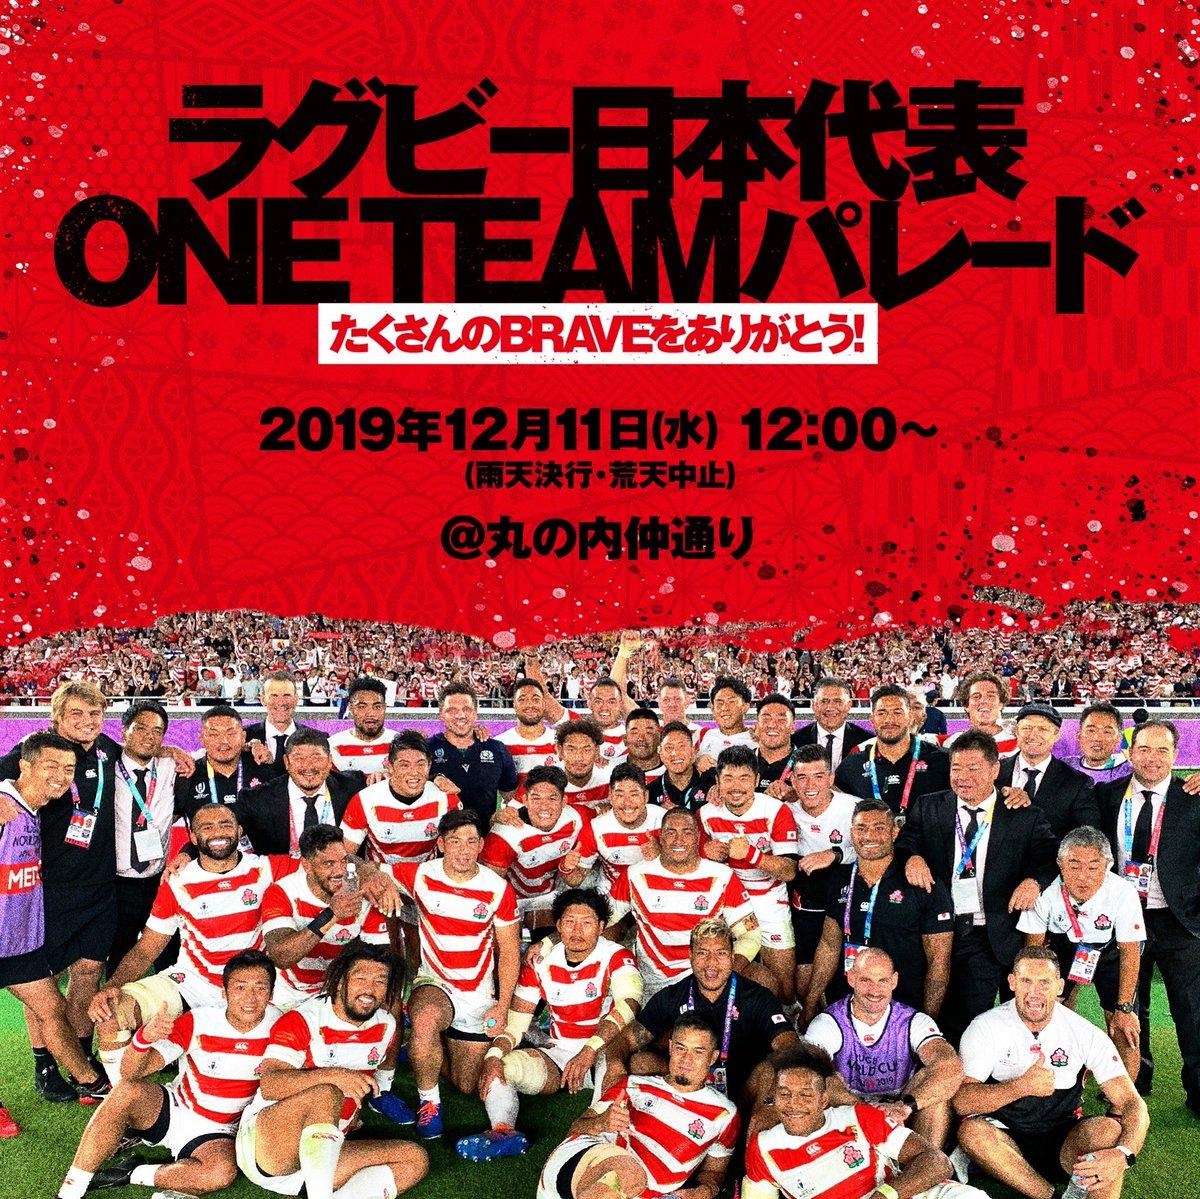 #RWC2019 で日本中に大旋風を起こしたラグビー日本代表が12月11日(水)、丸の内仲通りでONE TEAMパレードを行う事が発表されました!  2020年1月12日に開幕する #ジャパンラグビートップリーグ に向けて各チームに戻った日本代表選手が再集結します。